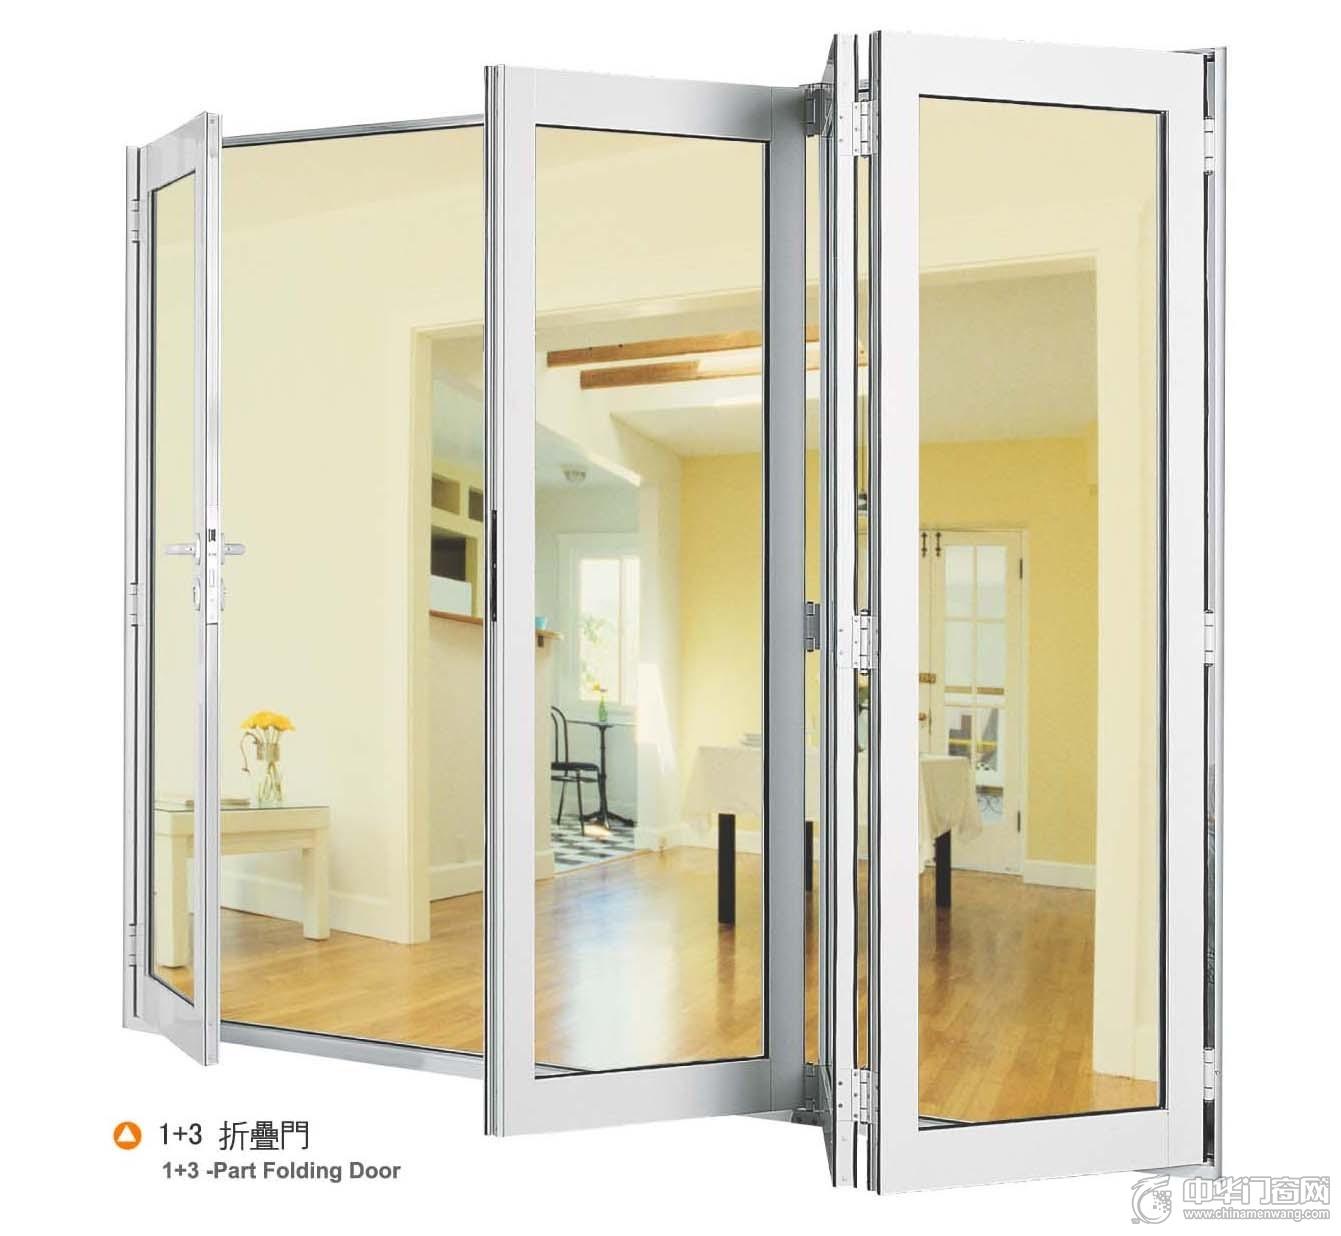 鋁合金玻璃折疊門是什么,有什么特點?鋁合金玻璃折疊門該如何選購?